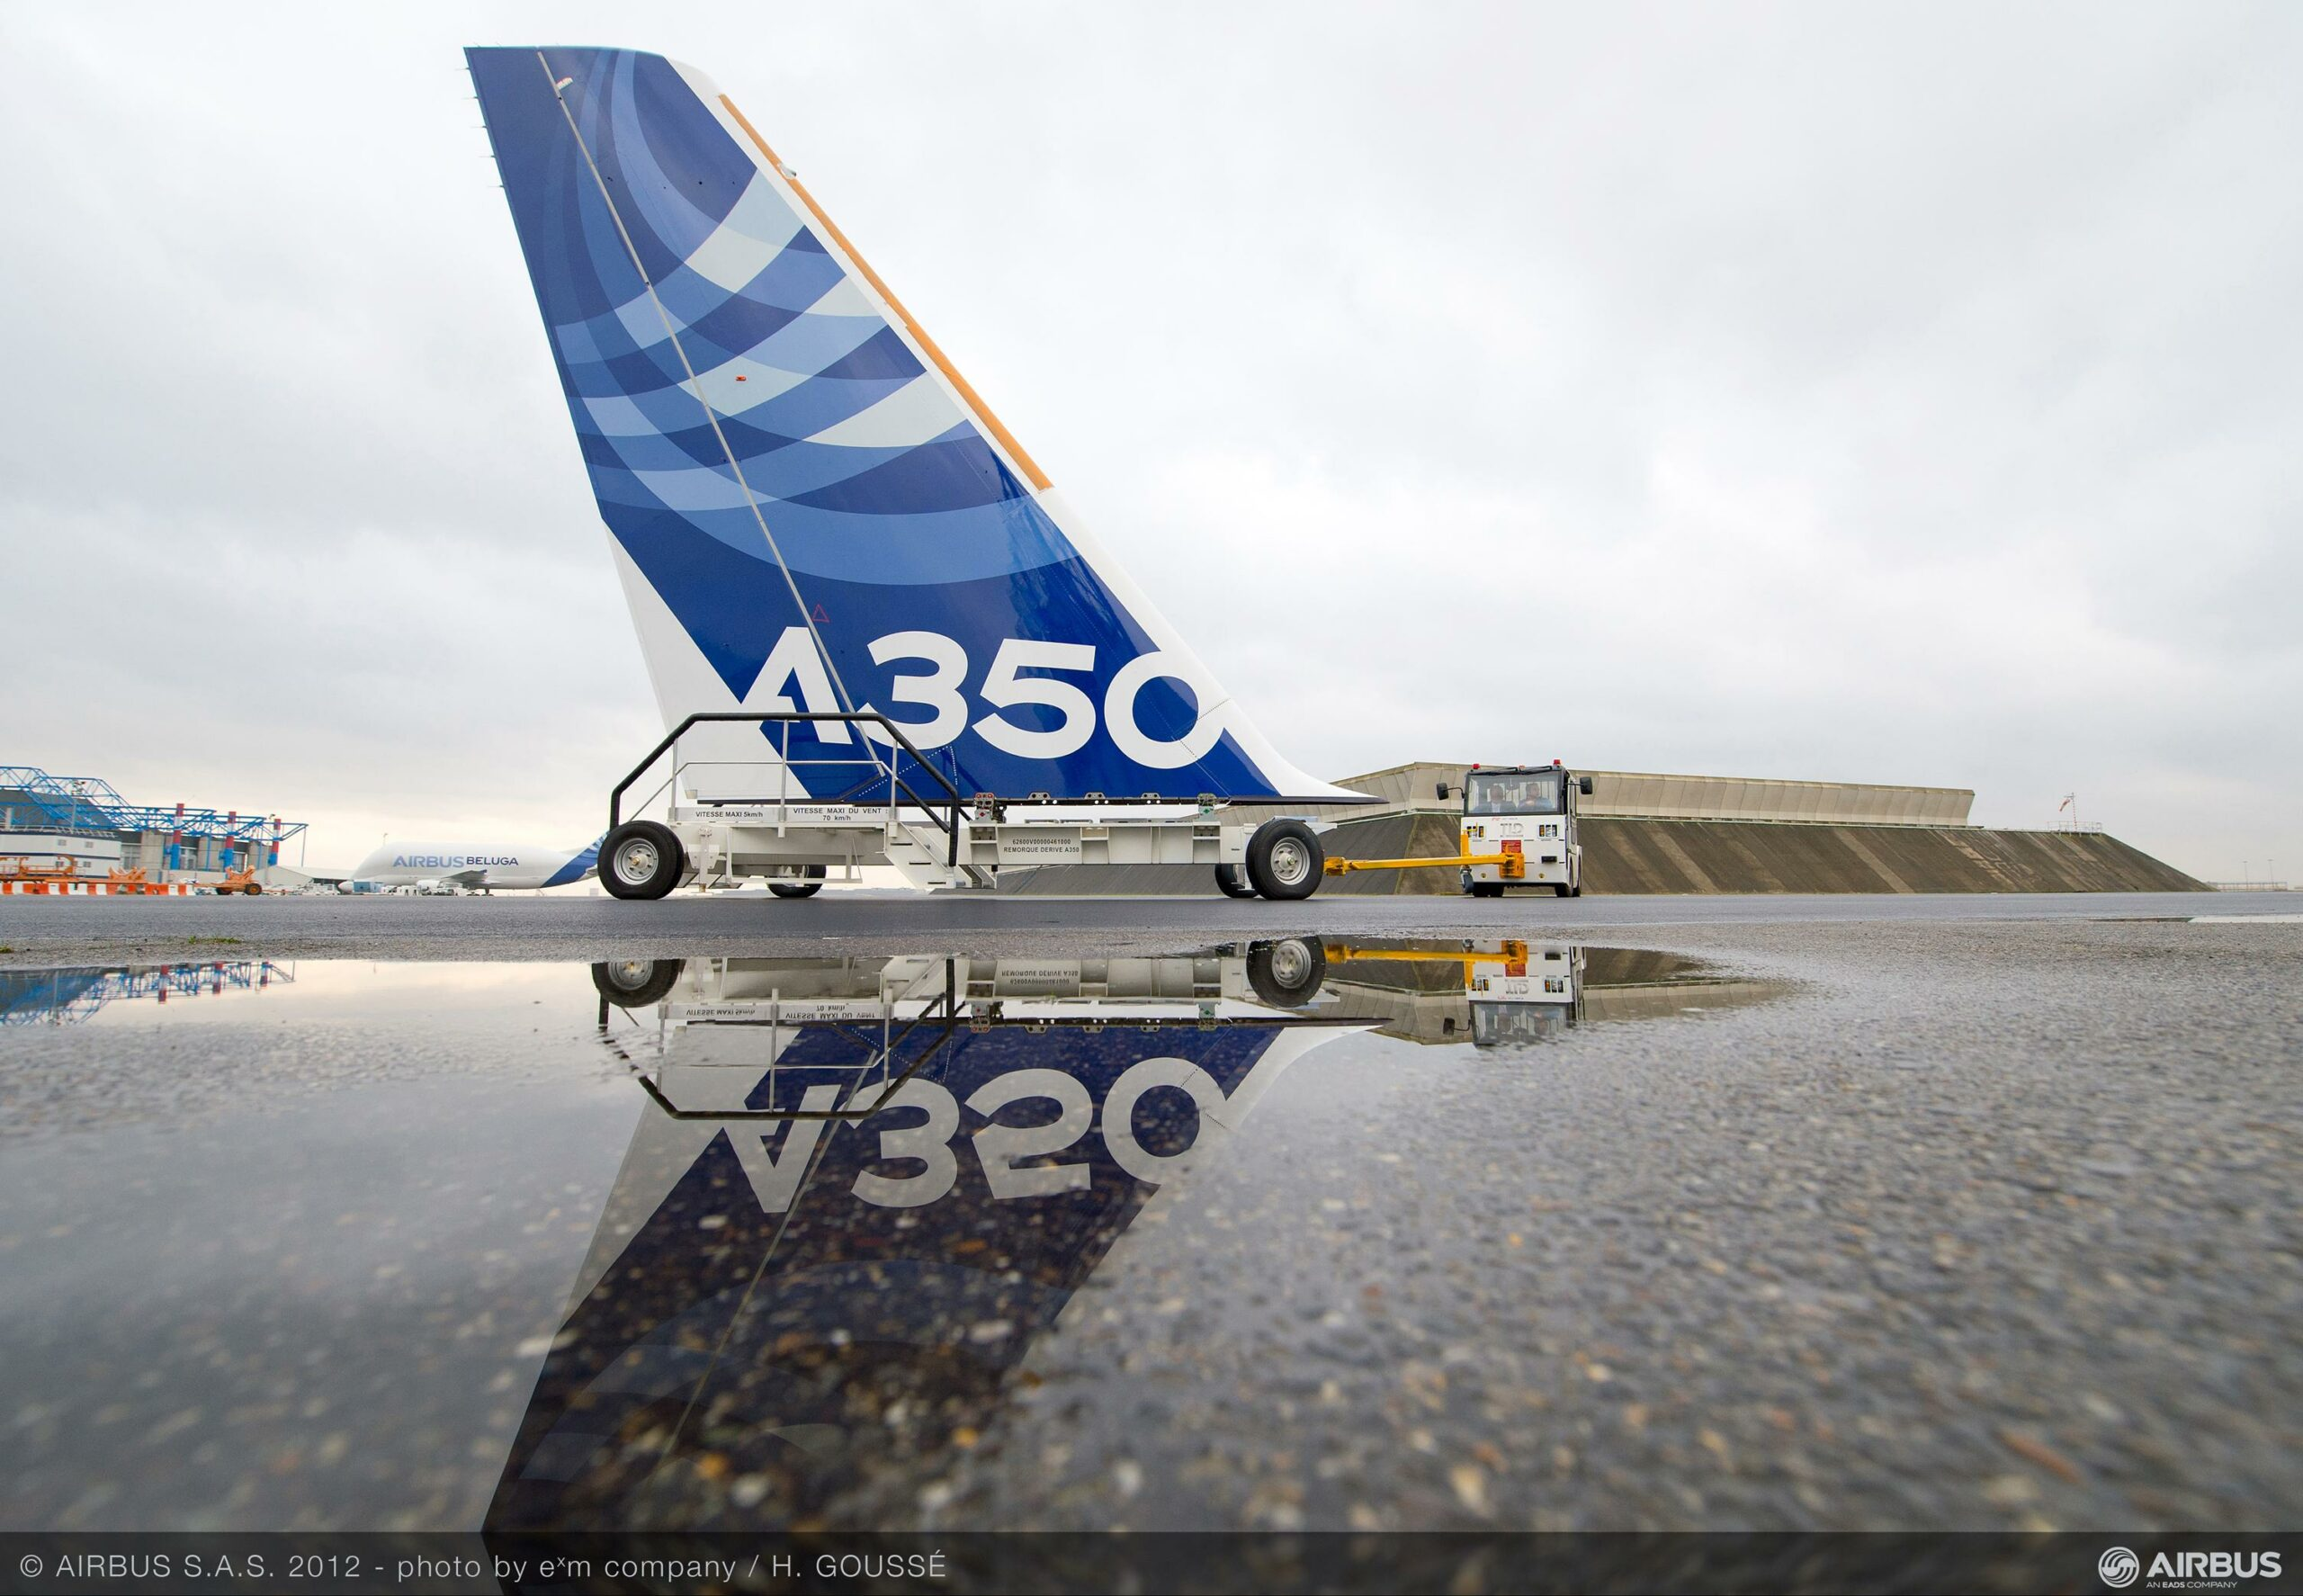 La mossa del cavallo di Airbus. Il Covid mette fine alla guerra dei dazi con Boeing?